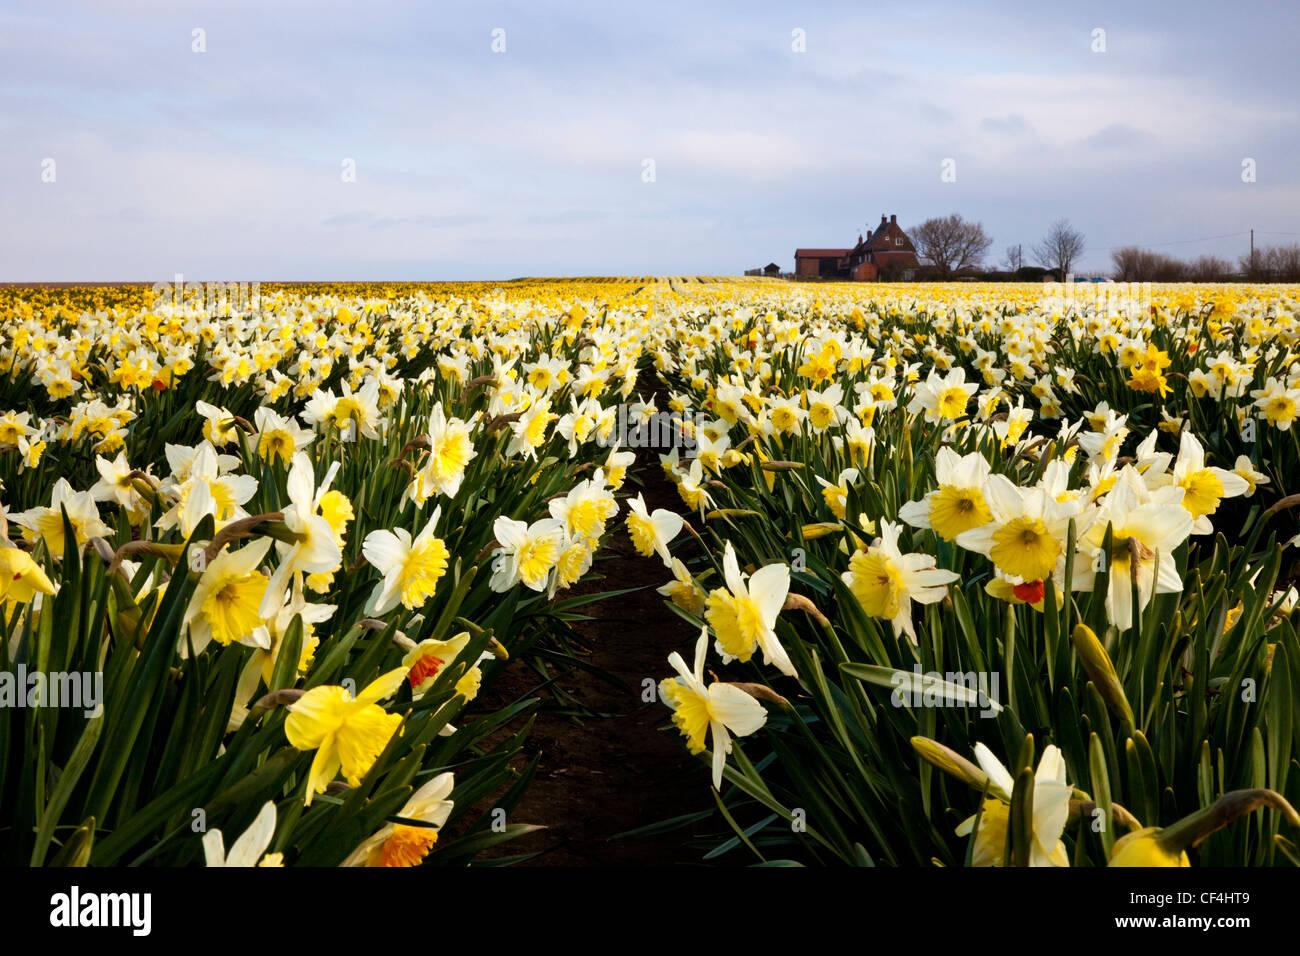 Un champ de jonquilles sur un matin de printemps avec une maison à l'horizon. Photo Stock